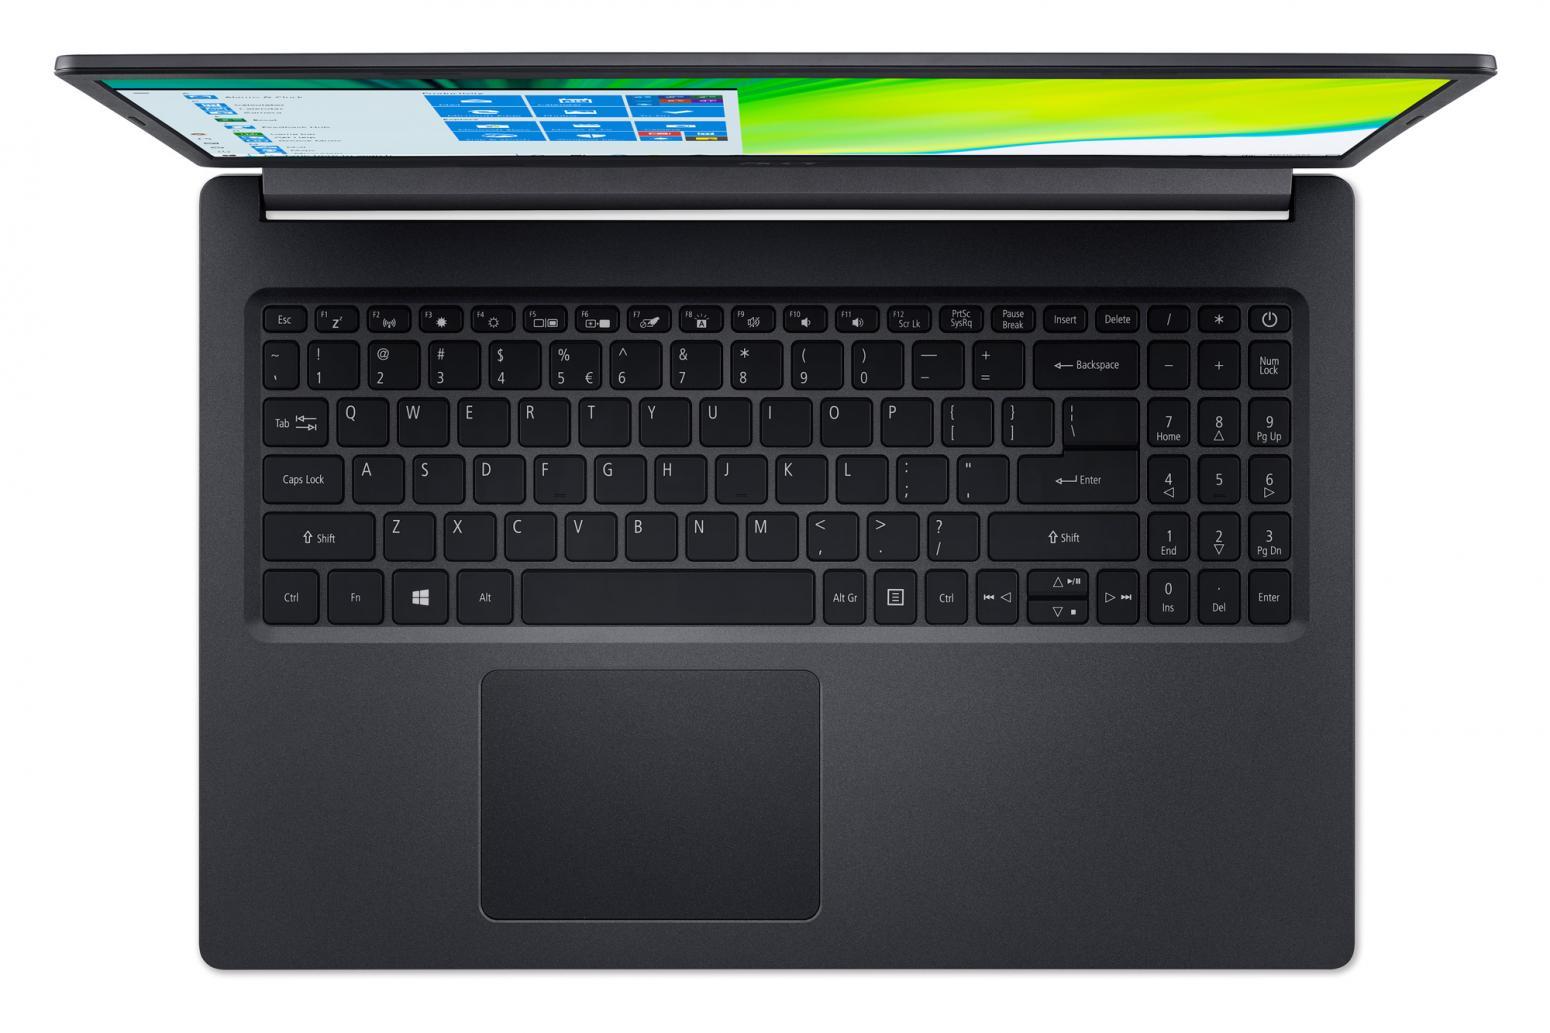 Ordinateur portable Acer Aspire 5 A515-44-R3SR Noir - Ryzen 5 - photo 4